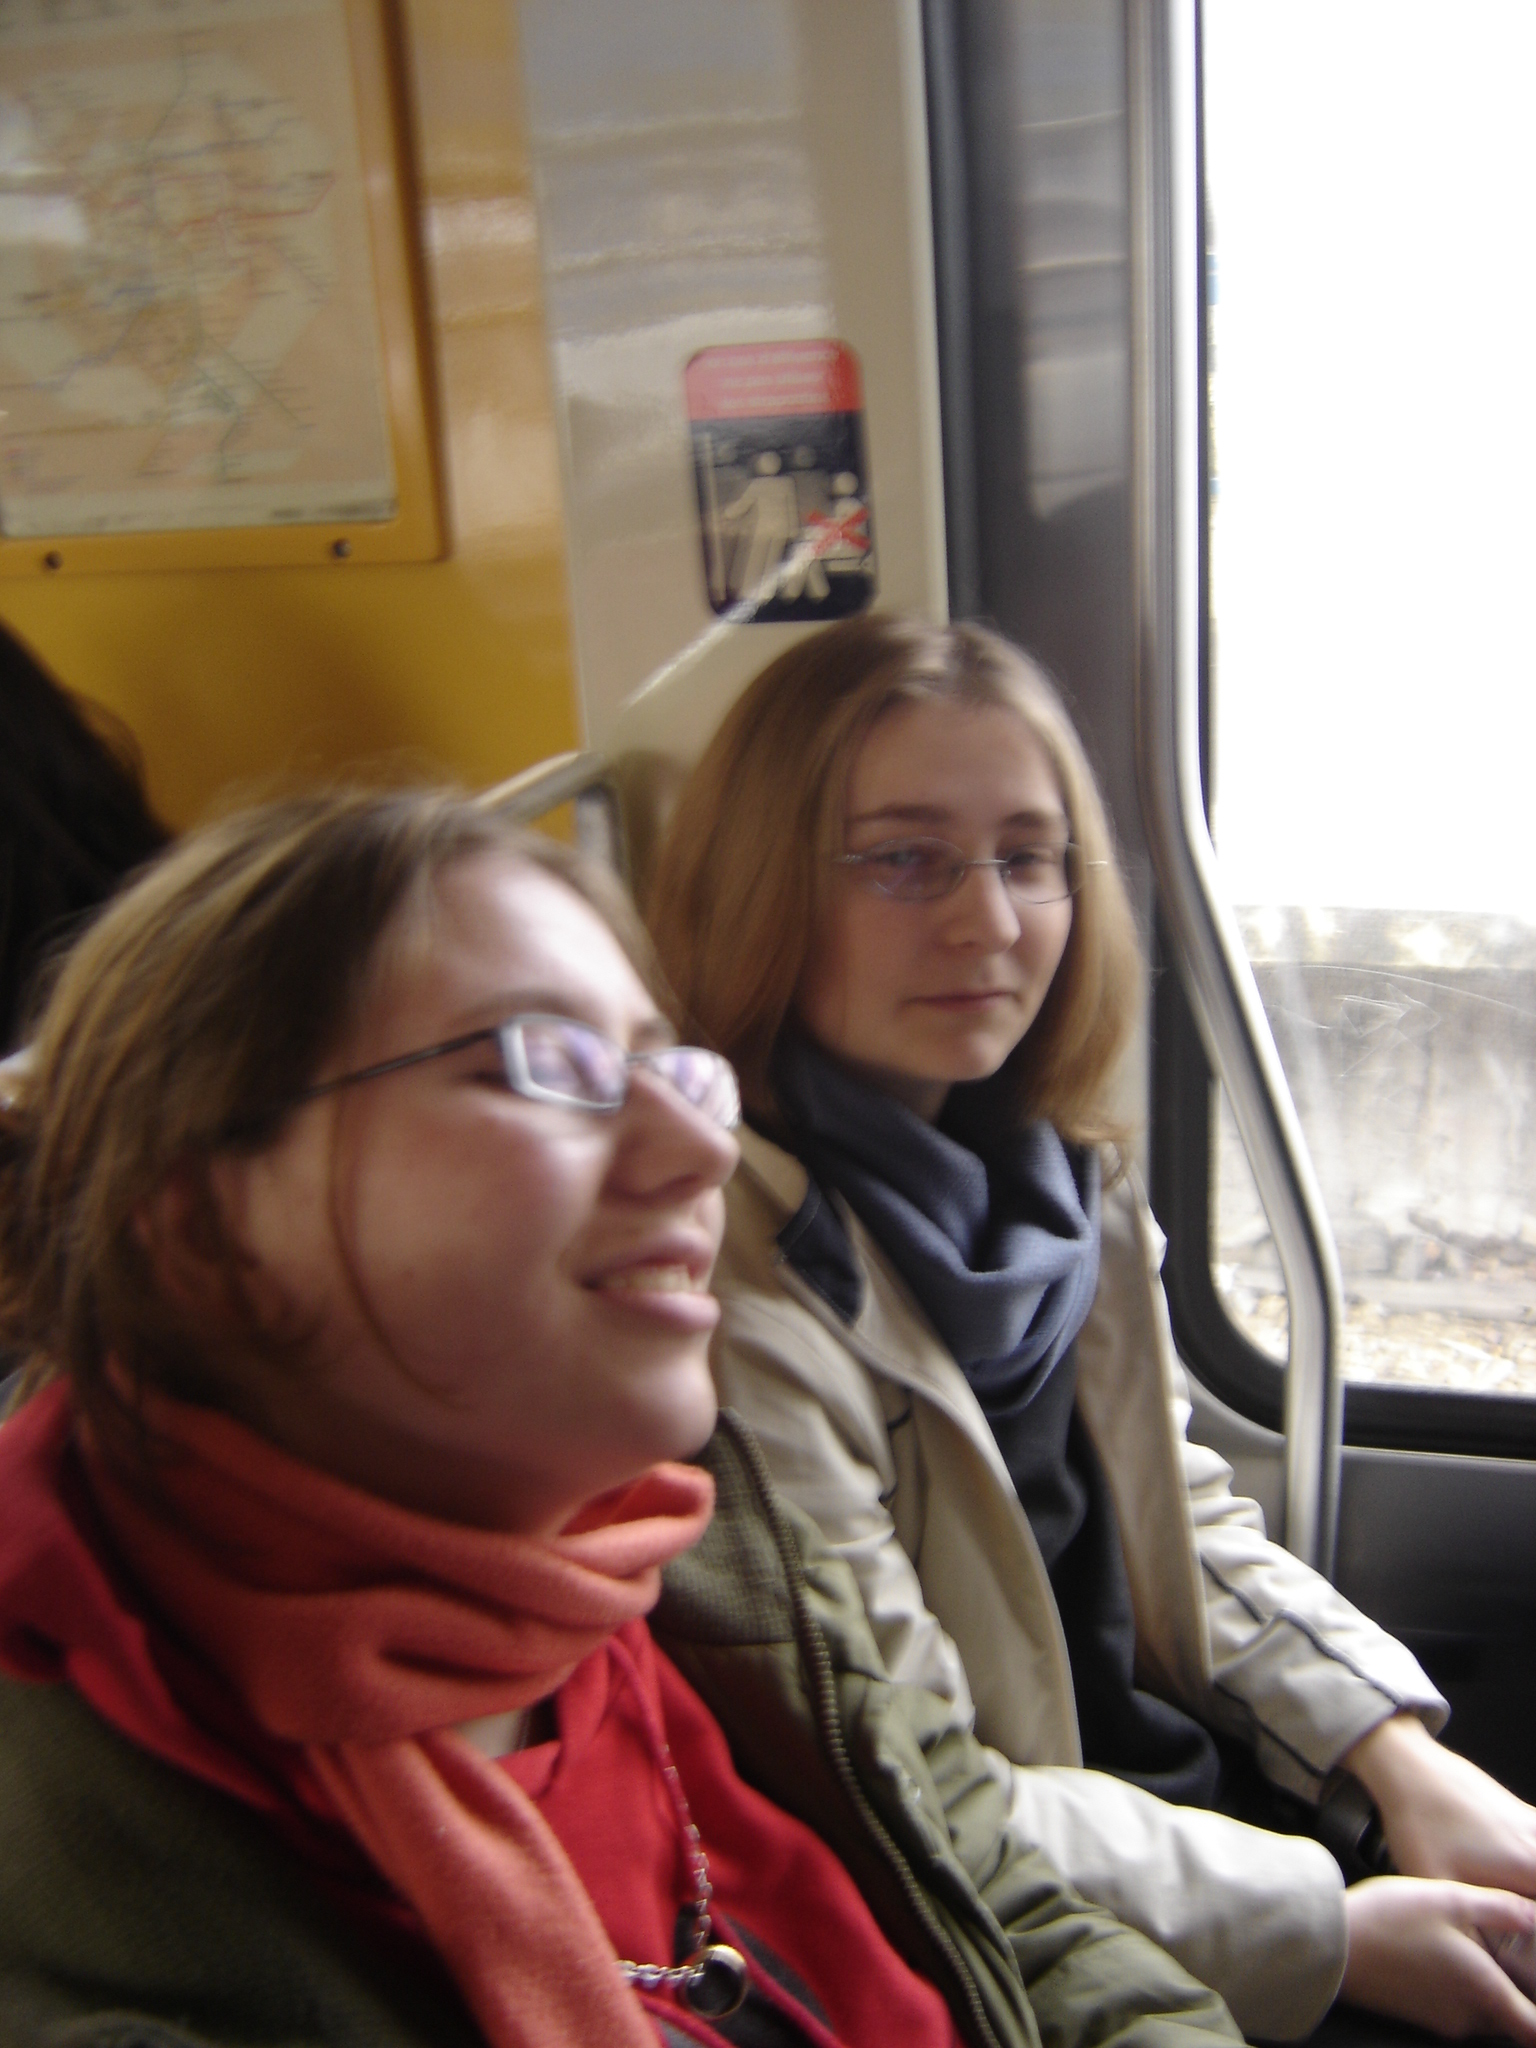 Photo 38 - Ange et Tyria dans le RER